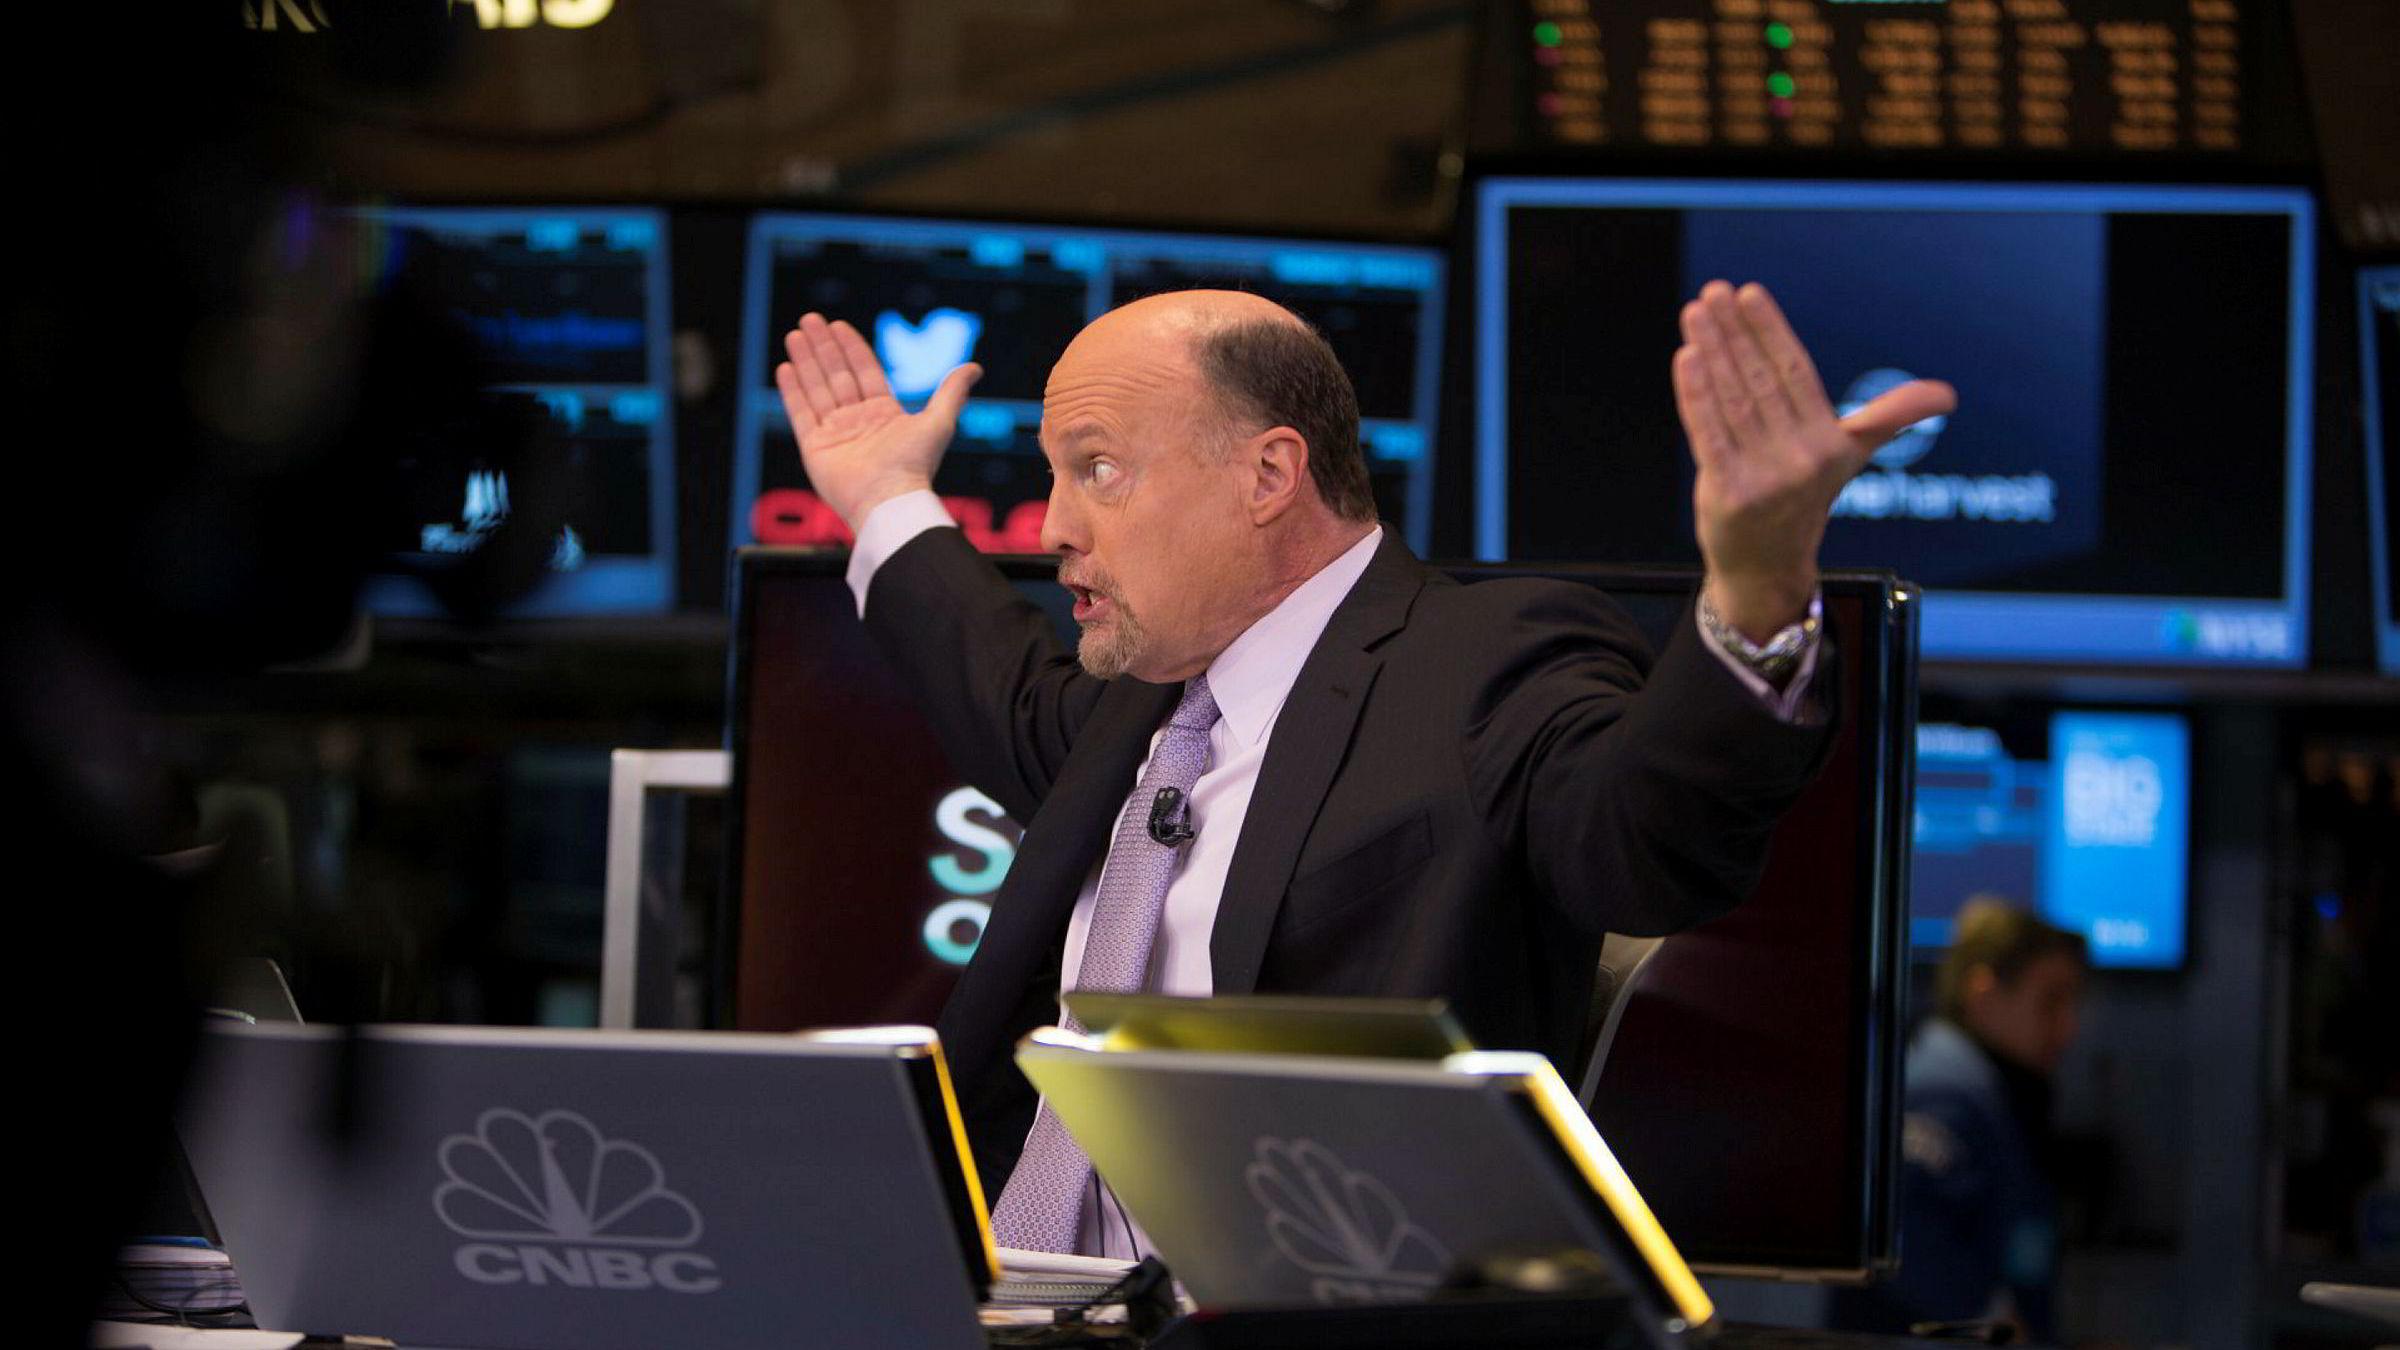 Programleder Jim Cramer i Mad Money på børsgulvet på New York Stock Exchange.